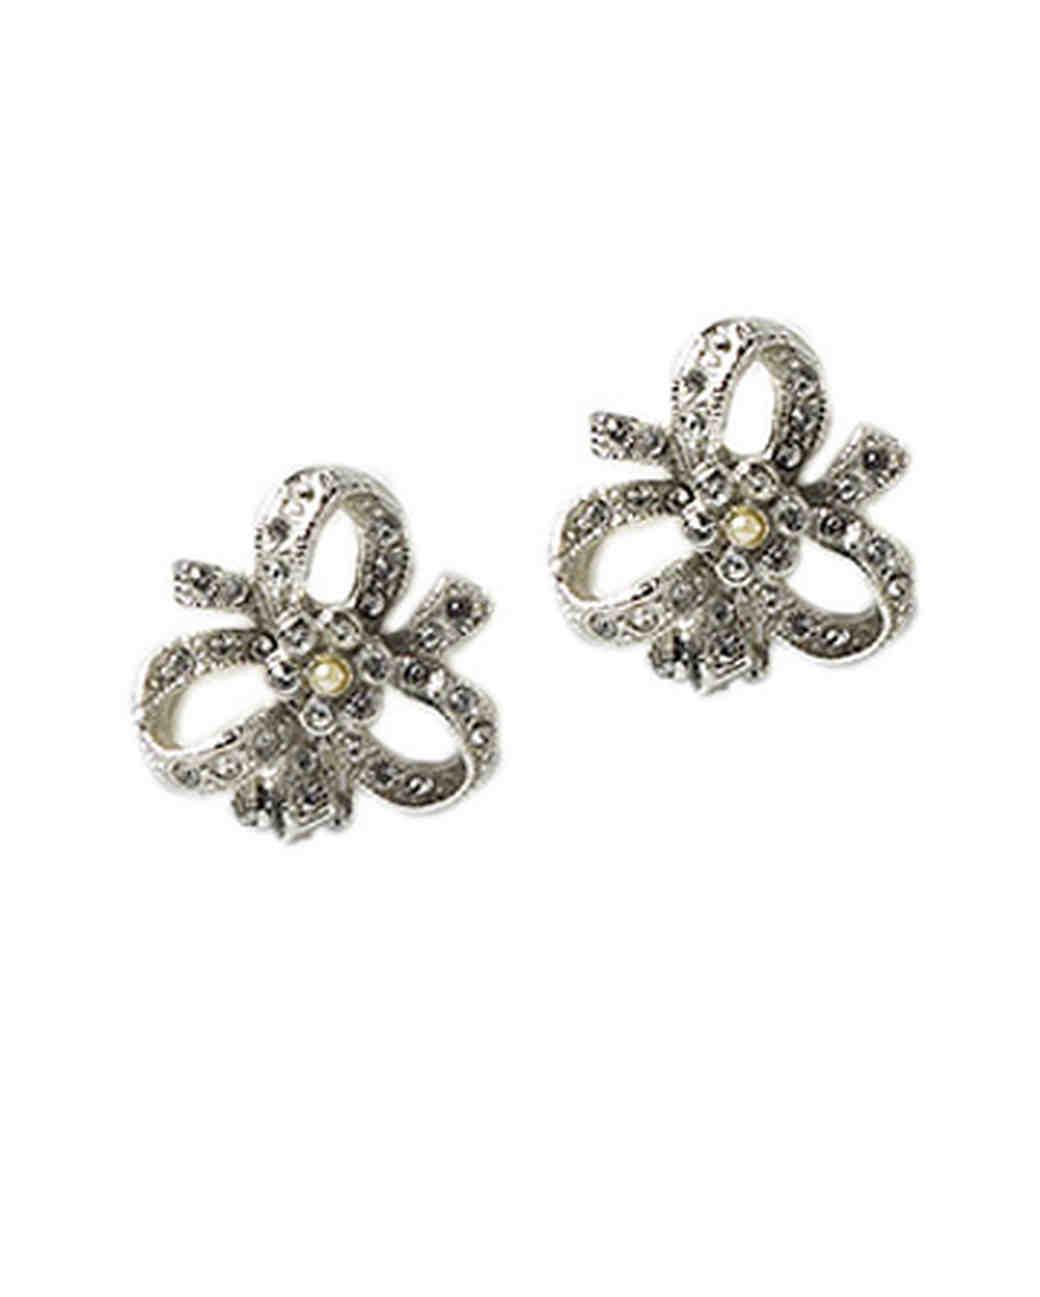 wd104606_spr09_jewelry36.jpg